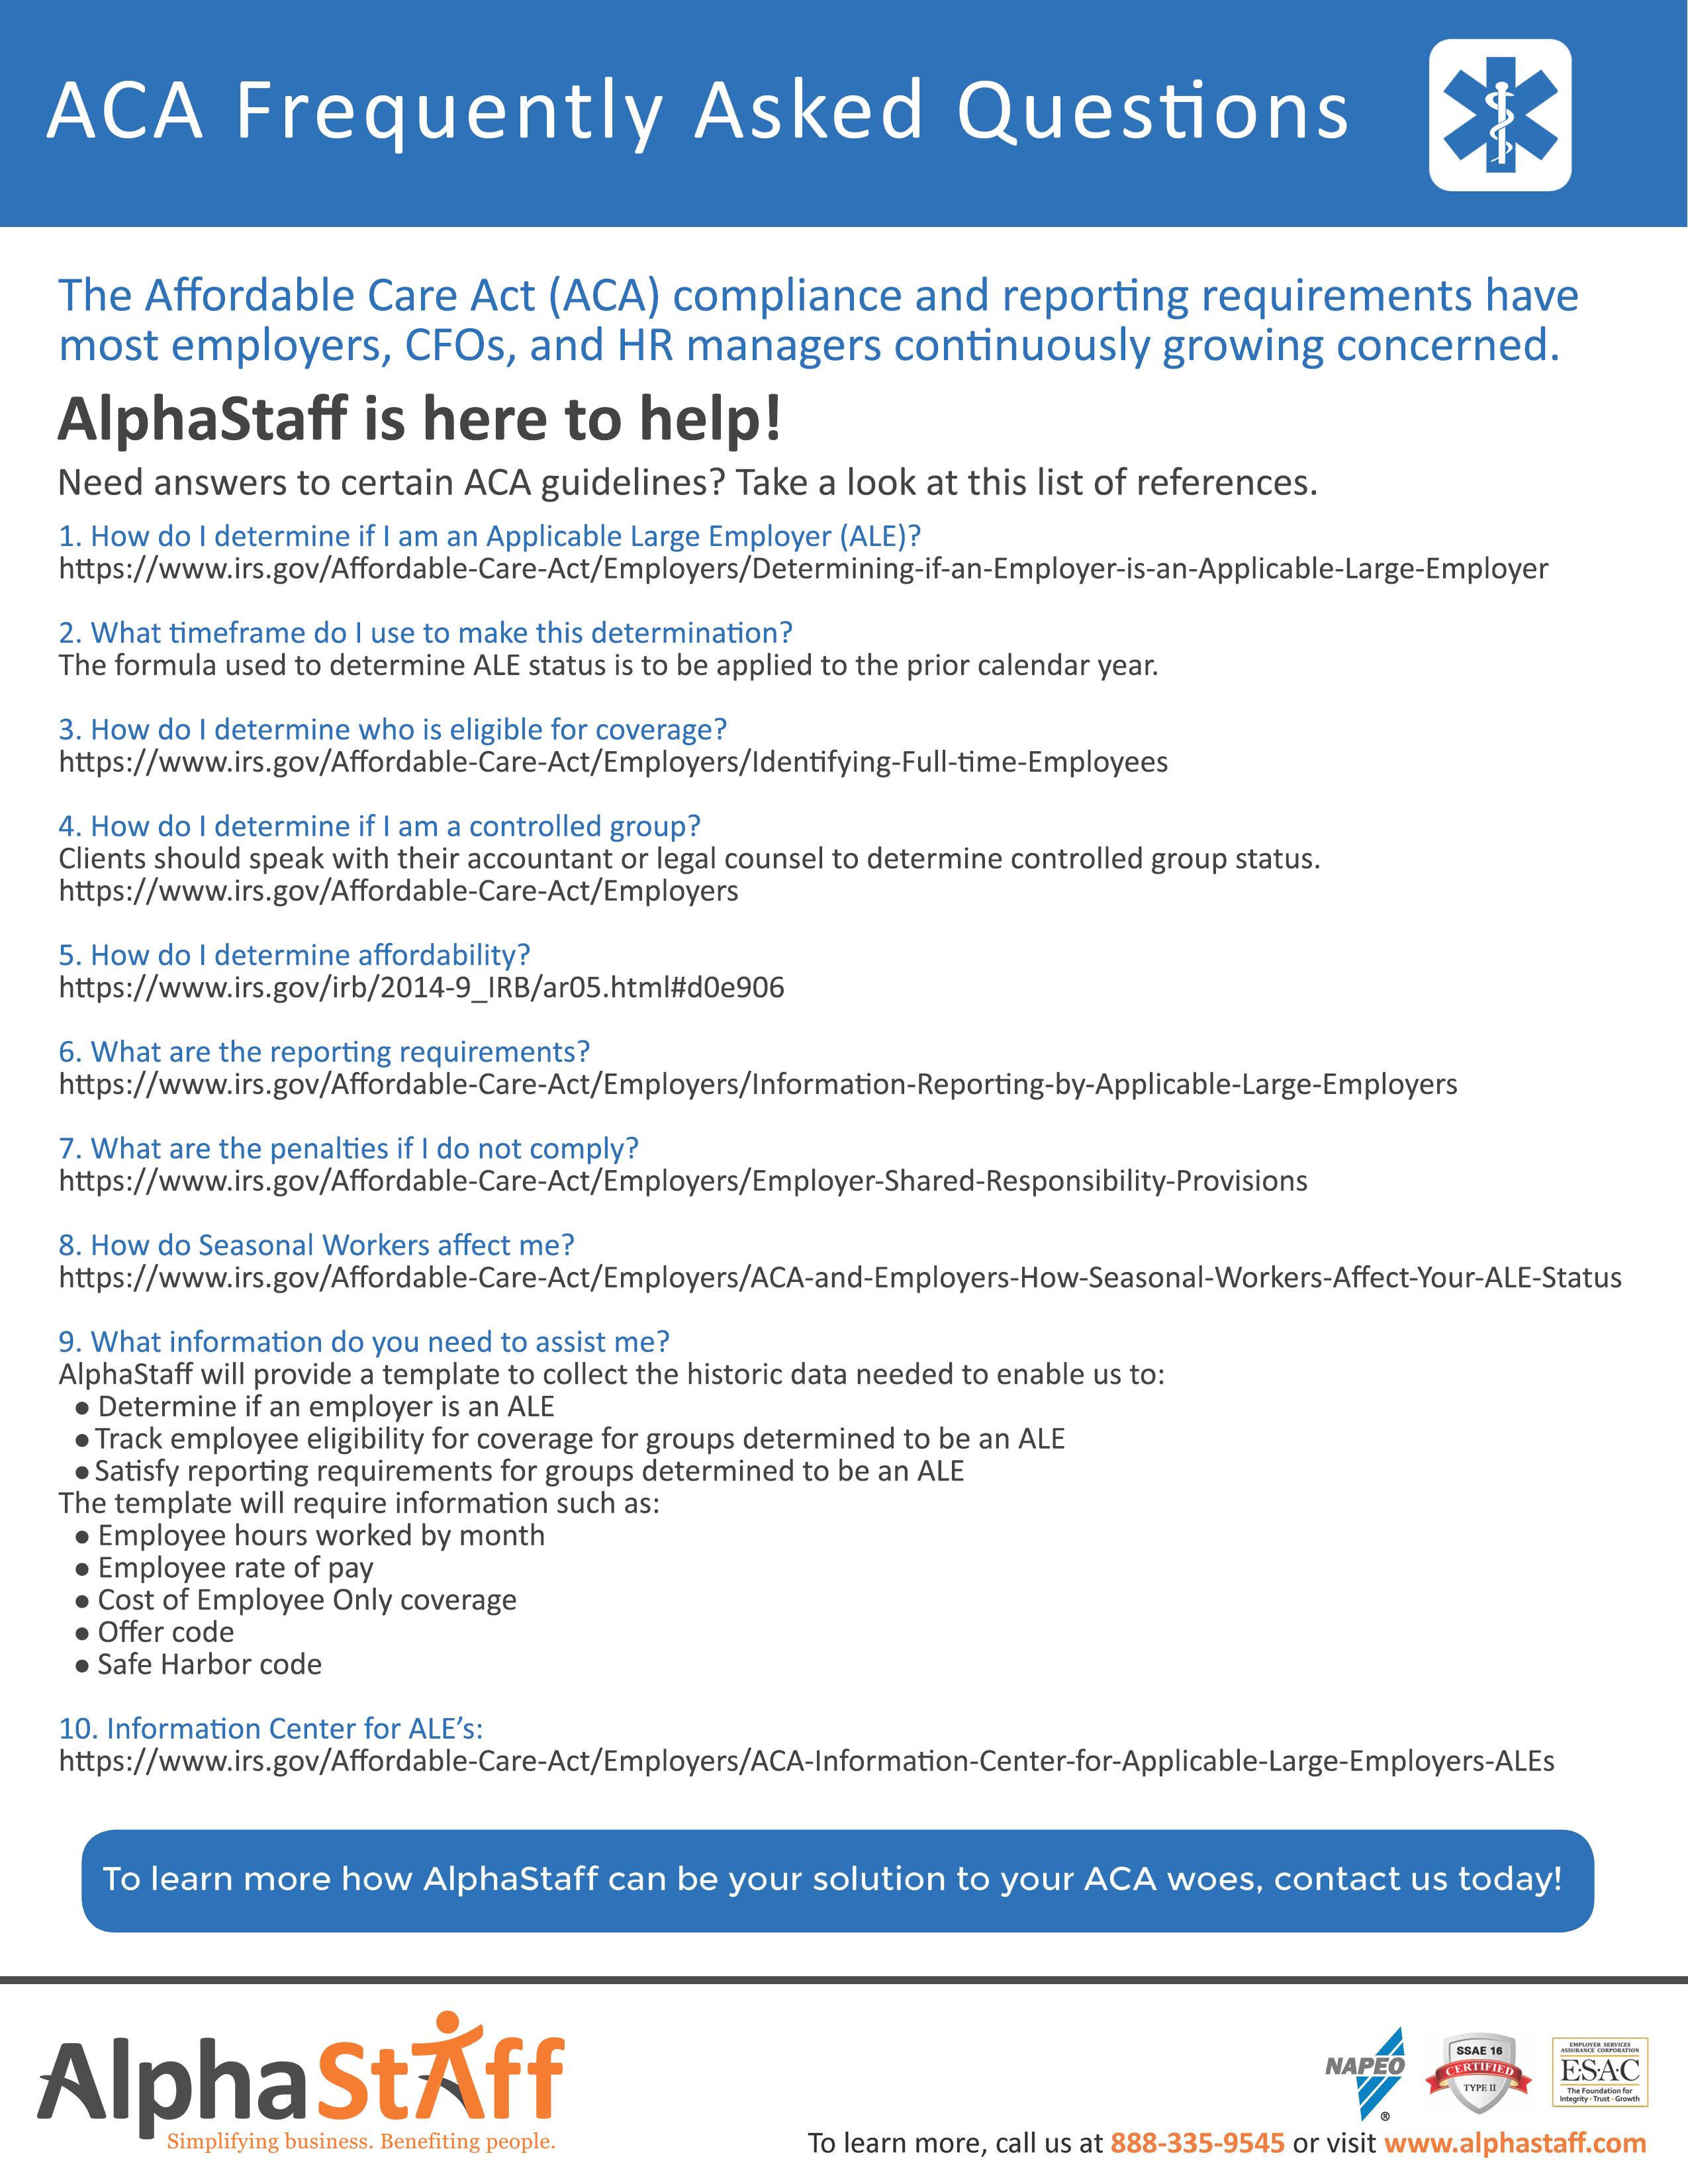 AlphaStaff_ROI_Infographic